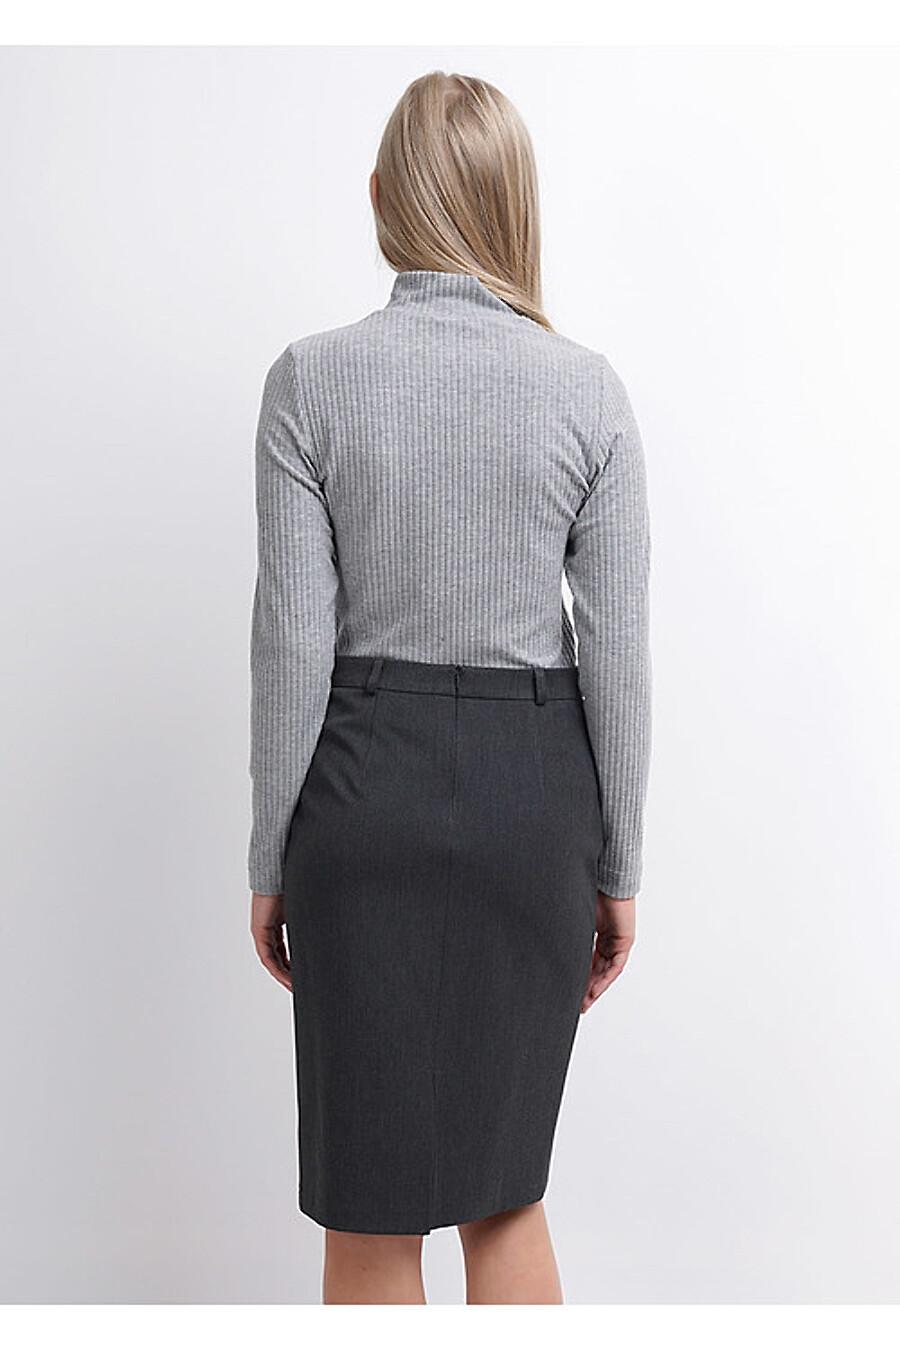 Юбка для женщин CLEVER 155562 купить оптом от производителя. Совместная покупка женской одежды в OptMoyo